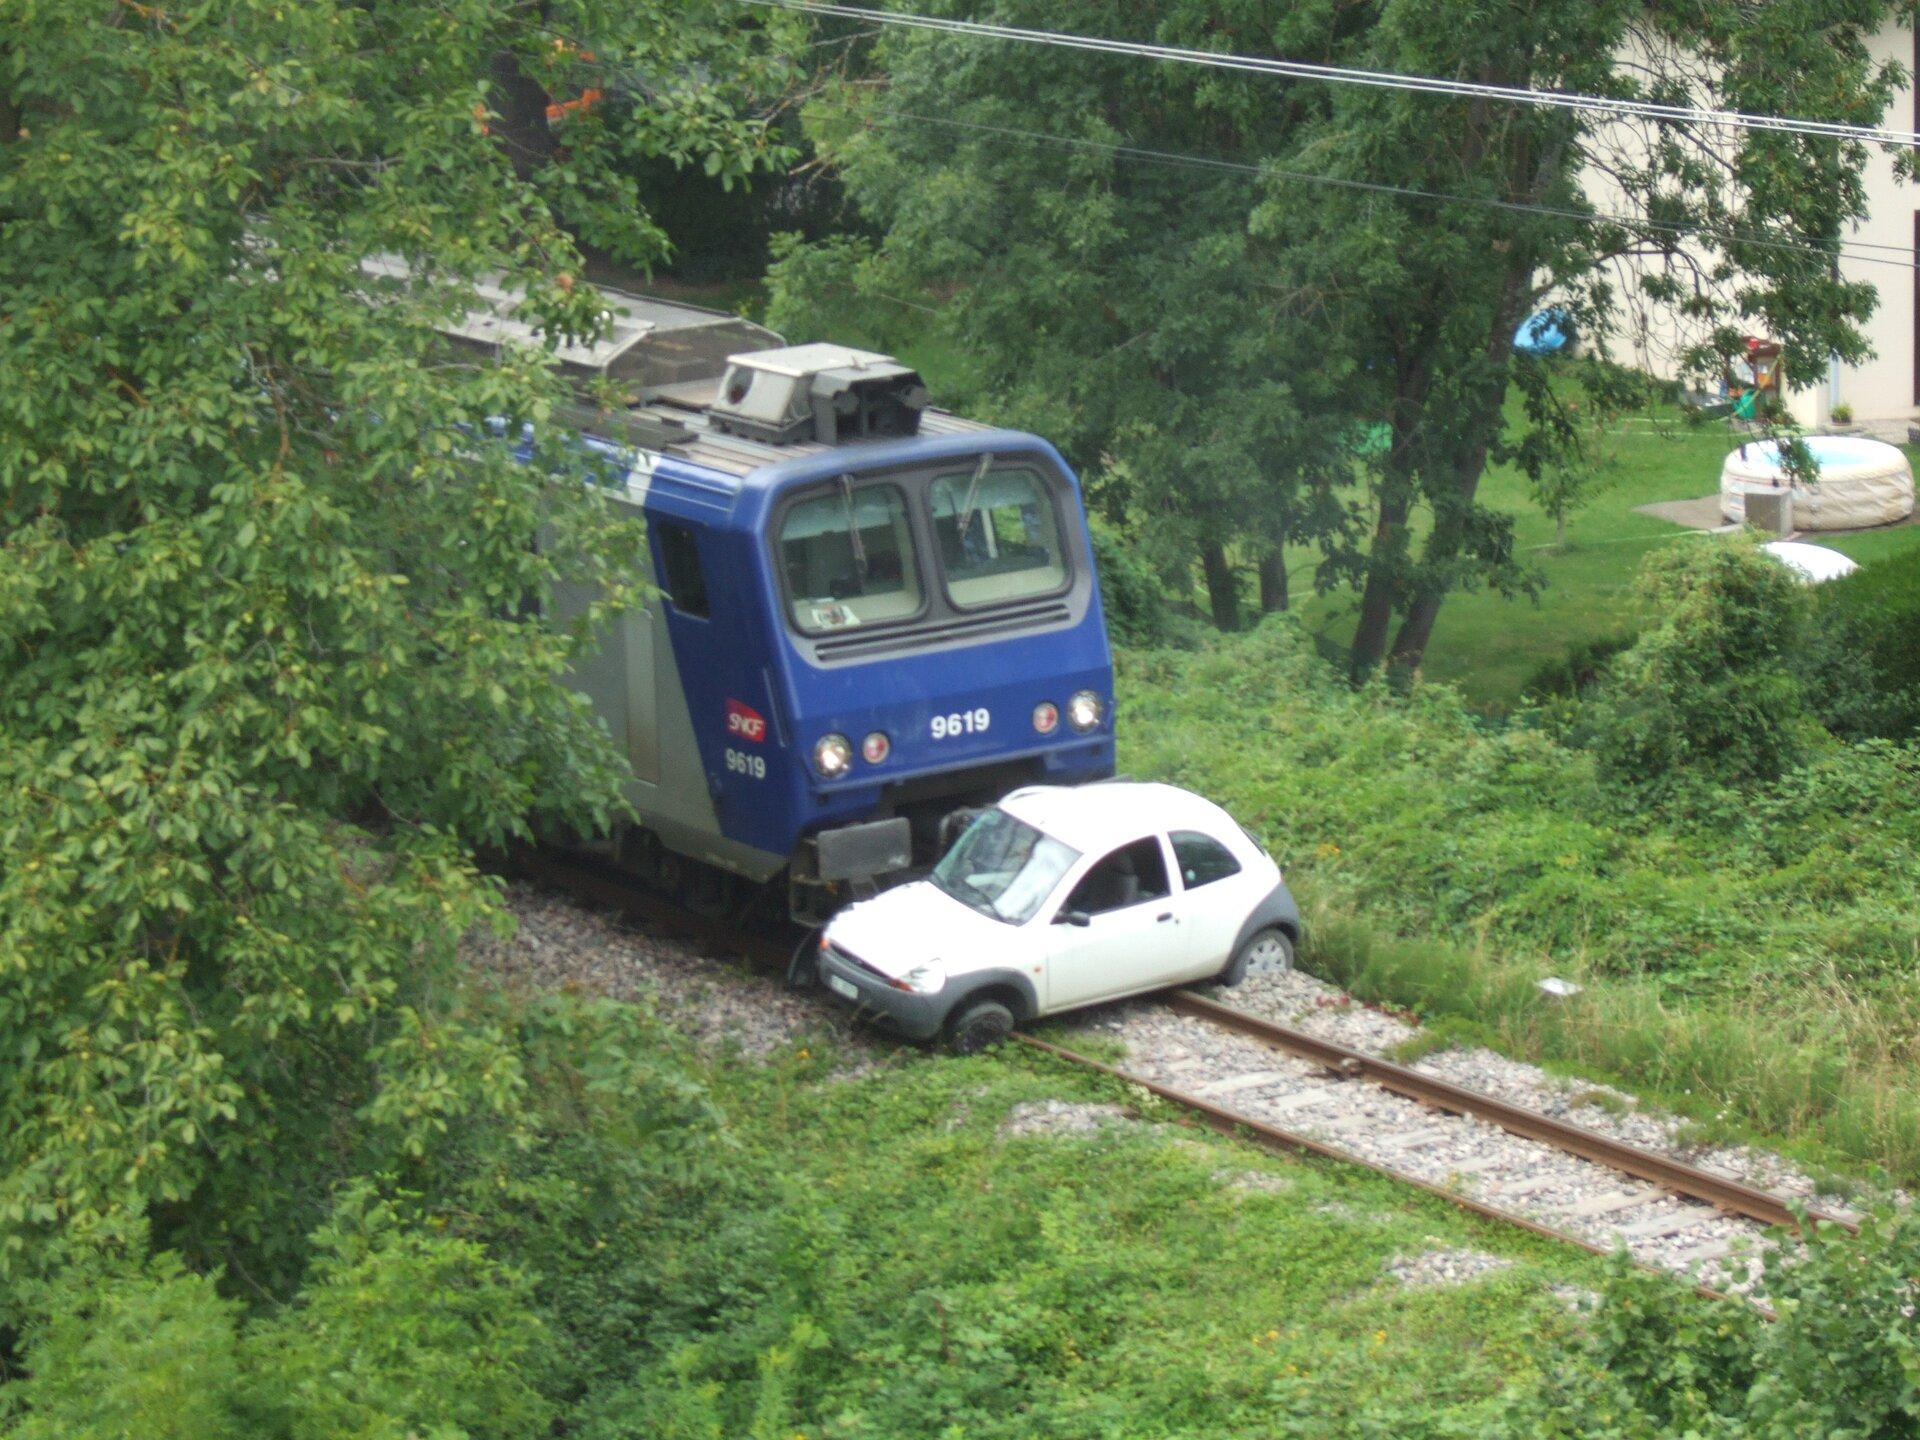 Zdjęcie przedstawia katastrofę kolejową. Na pierwszym planie teren porośnięty trawą, krzakami idrzewami. Na środku torowisko. Tory biegną zdolnego prawego rogu kadru wgórę, na lewo. Wpołowie torów stoi biały samochód osobowy uderzony ipchany przez odcinek co najmniej kilkunastu metrów przez niebiesko szarą lokomotywę. Lewe tylne koło samochodu zagłębione wkamienny podkład torów, lewe przednie opiera się otor.